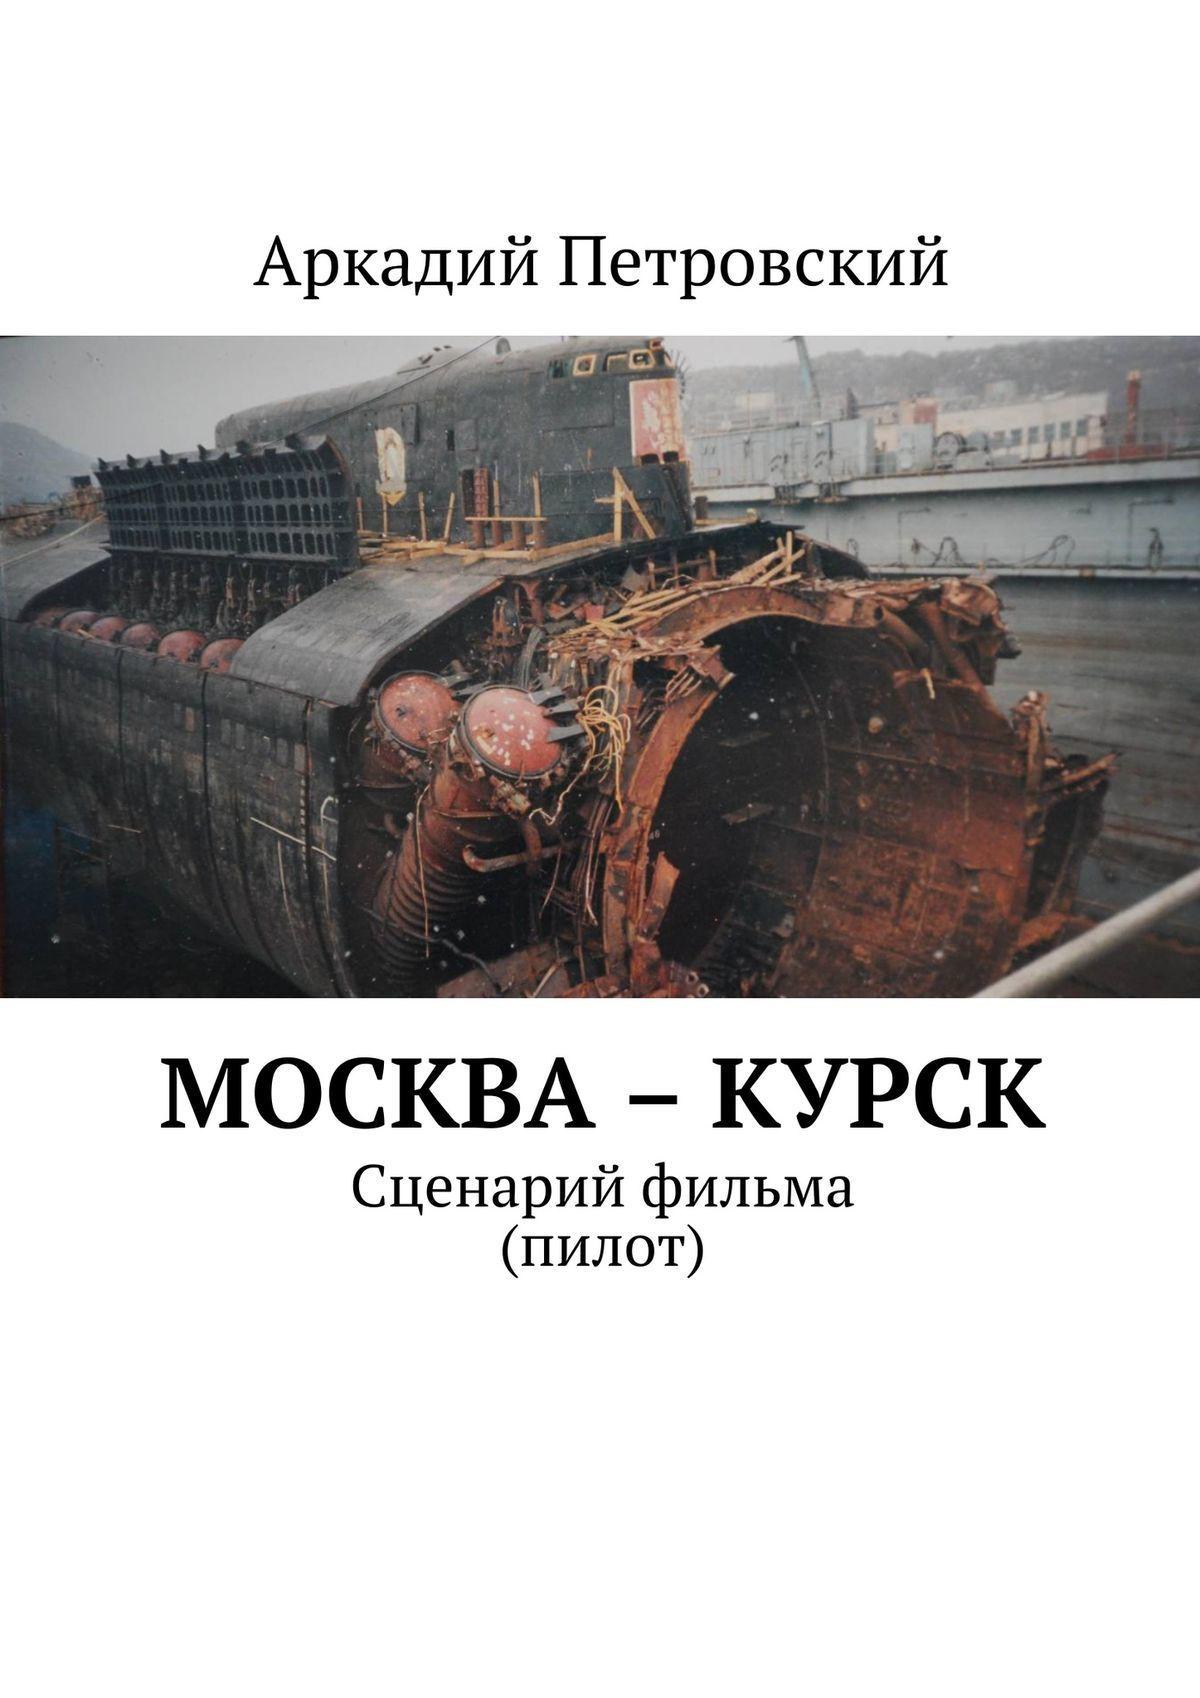 Обложка книги Москва – Курск. Сценарий фильма (пилот), автор Аркадий Петровский